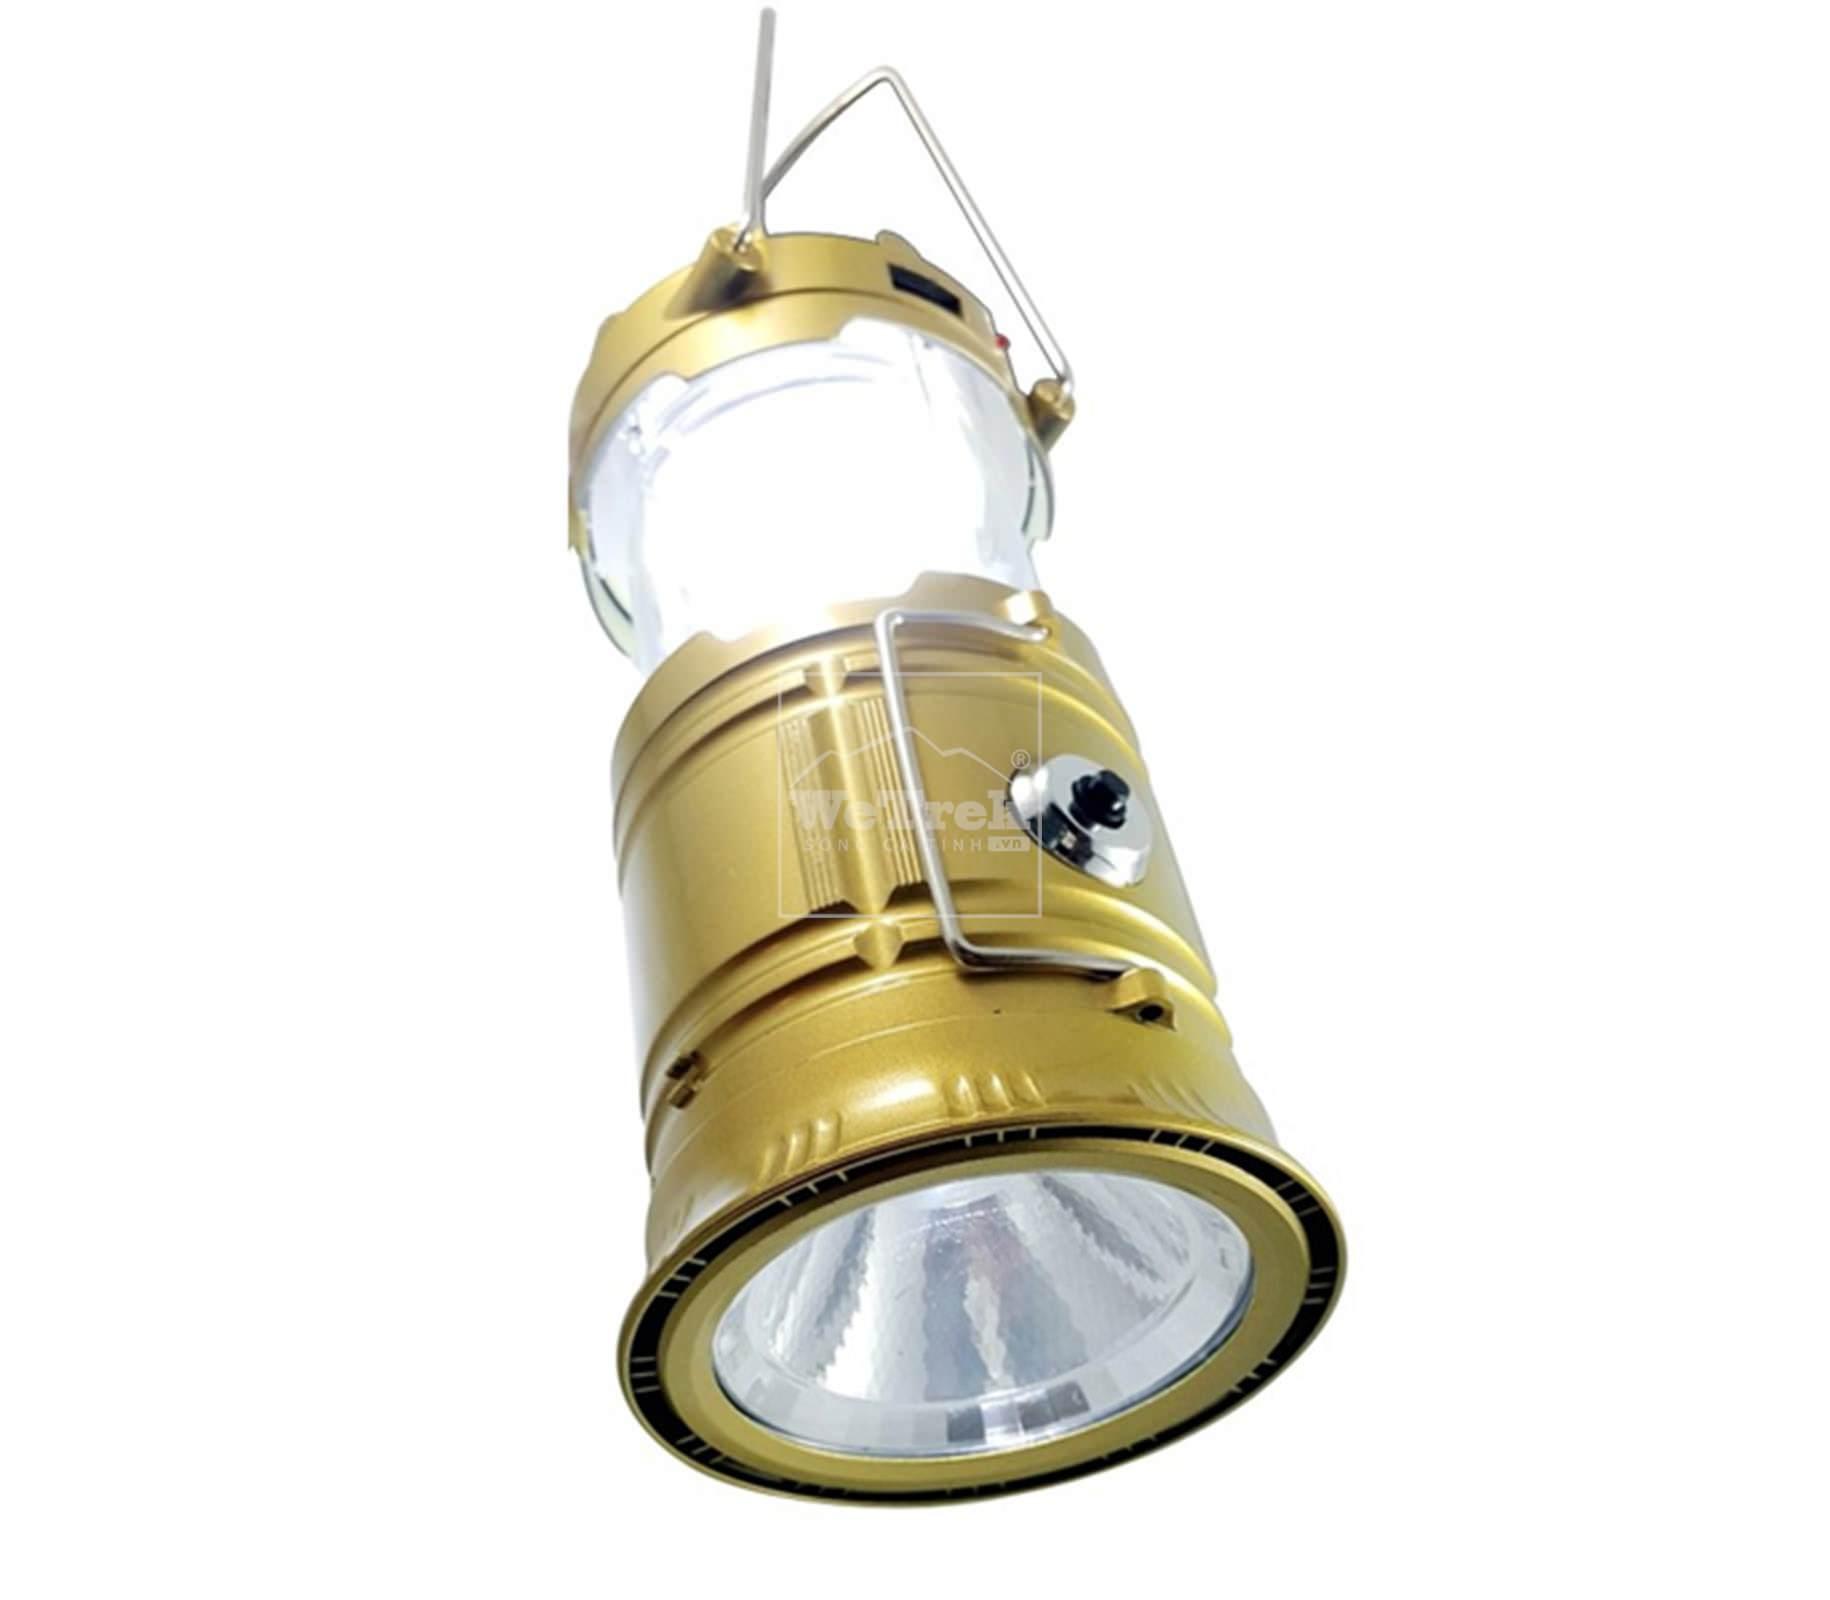 den-leu-1w-6-led-rechargeable-camping-lantern-sh-5900t-wetrek.vn-5